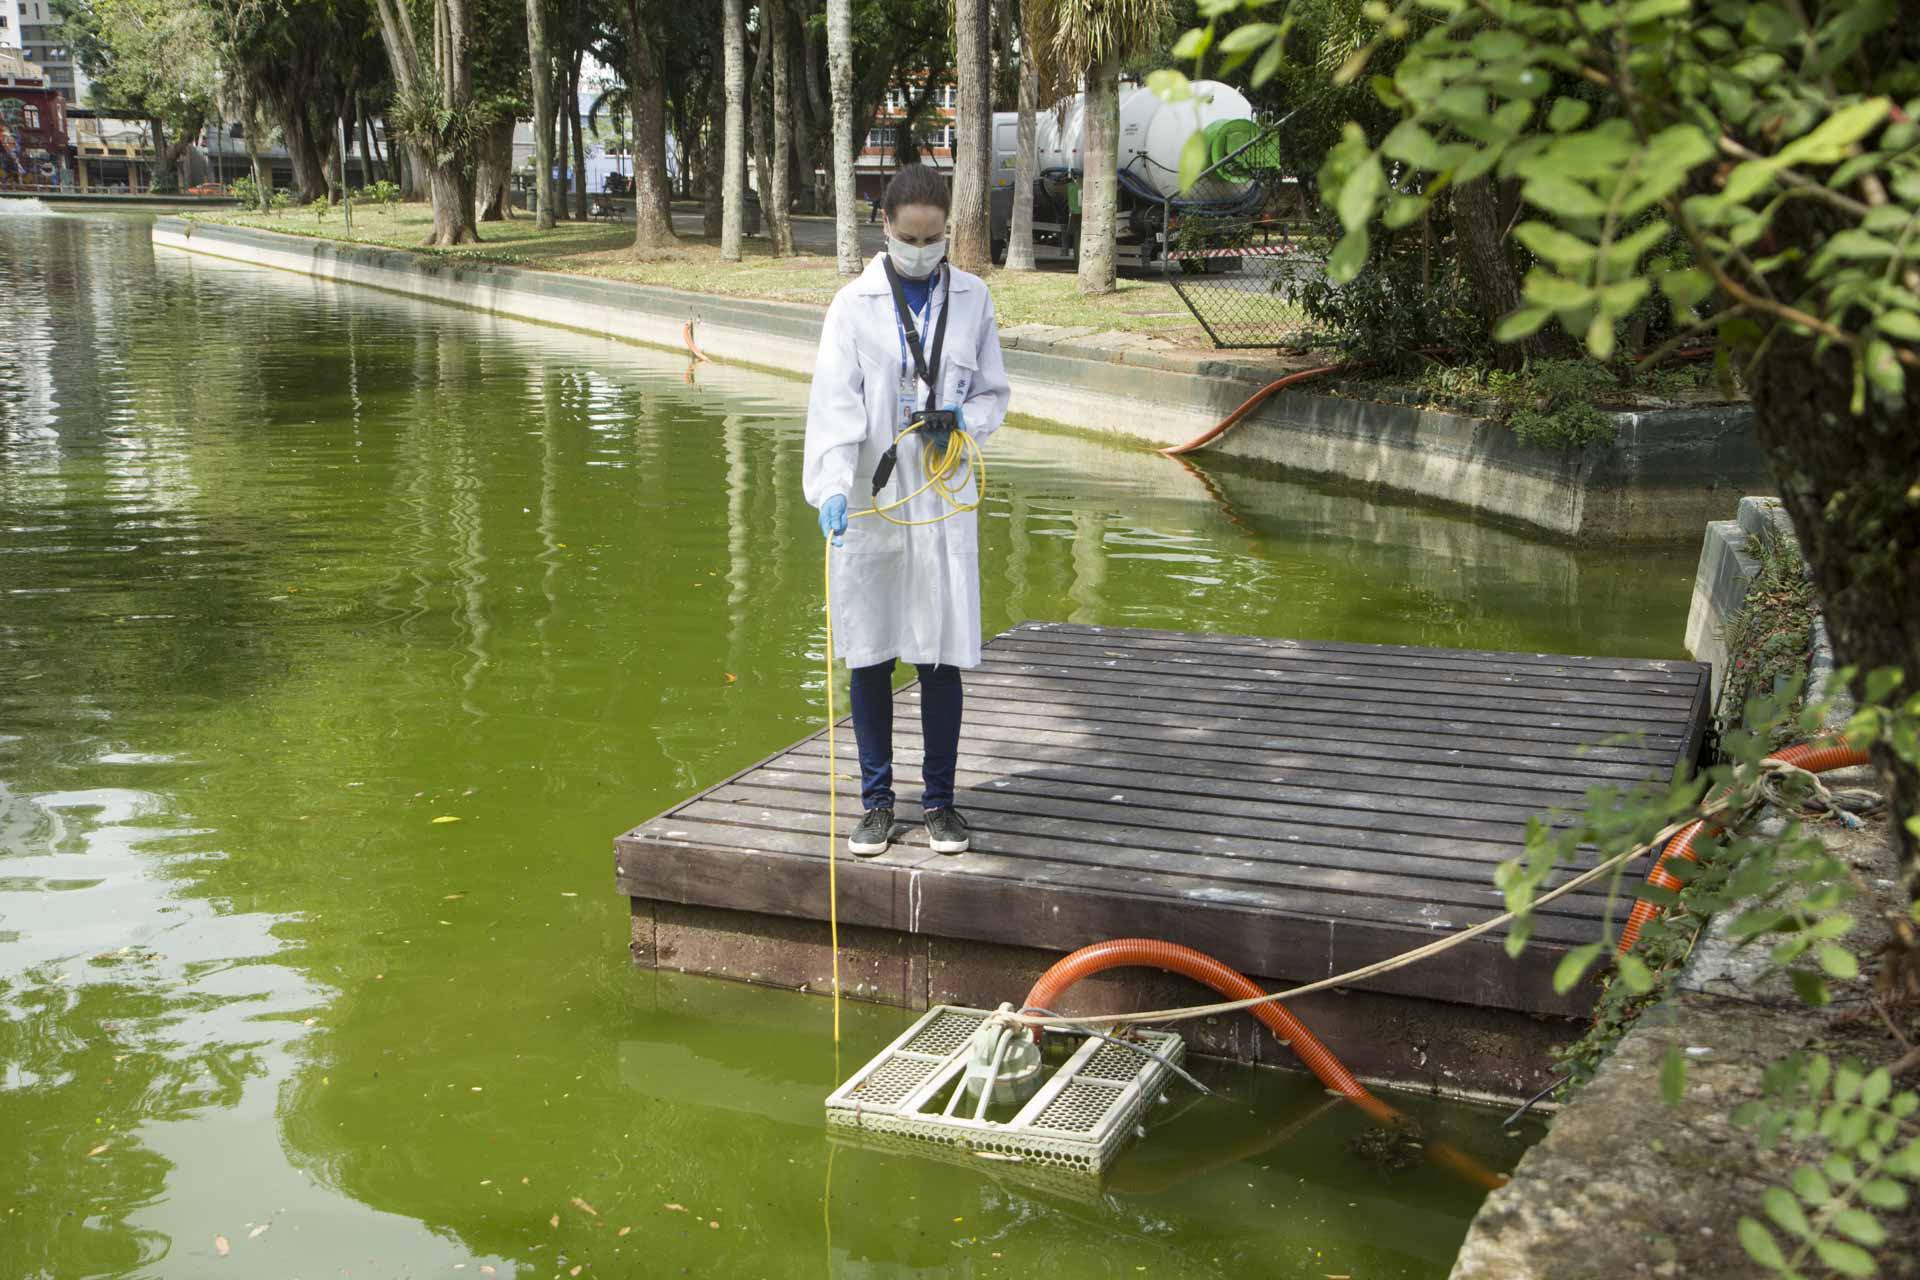 A Sanepar está fazendo estudos de aplicação da tecnologia de nanobolhas para melhorar a qualidade da água das lagoas do Passeio Público, em Curitiba.  –  Foto: André Thiago